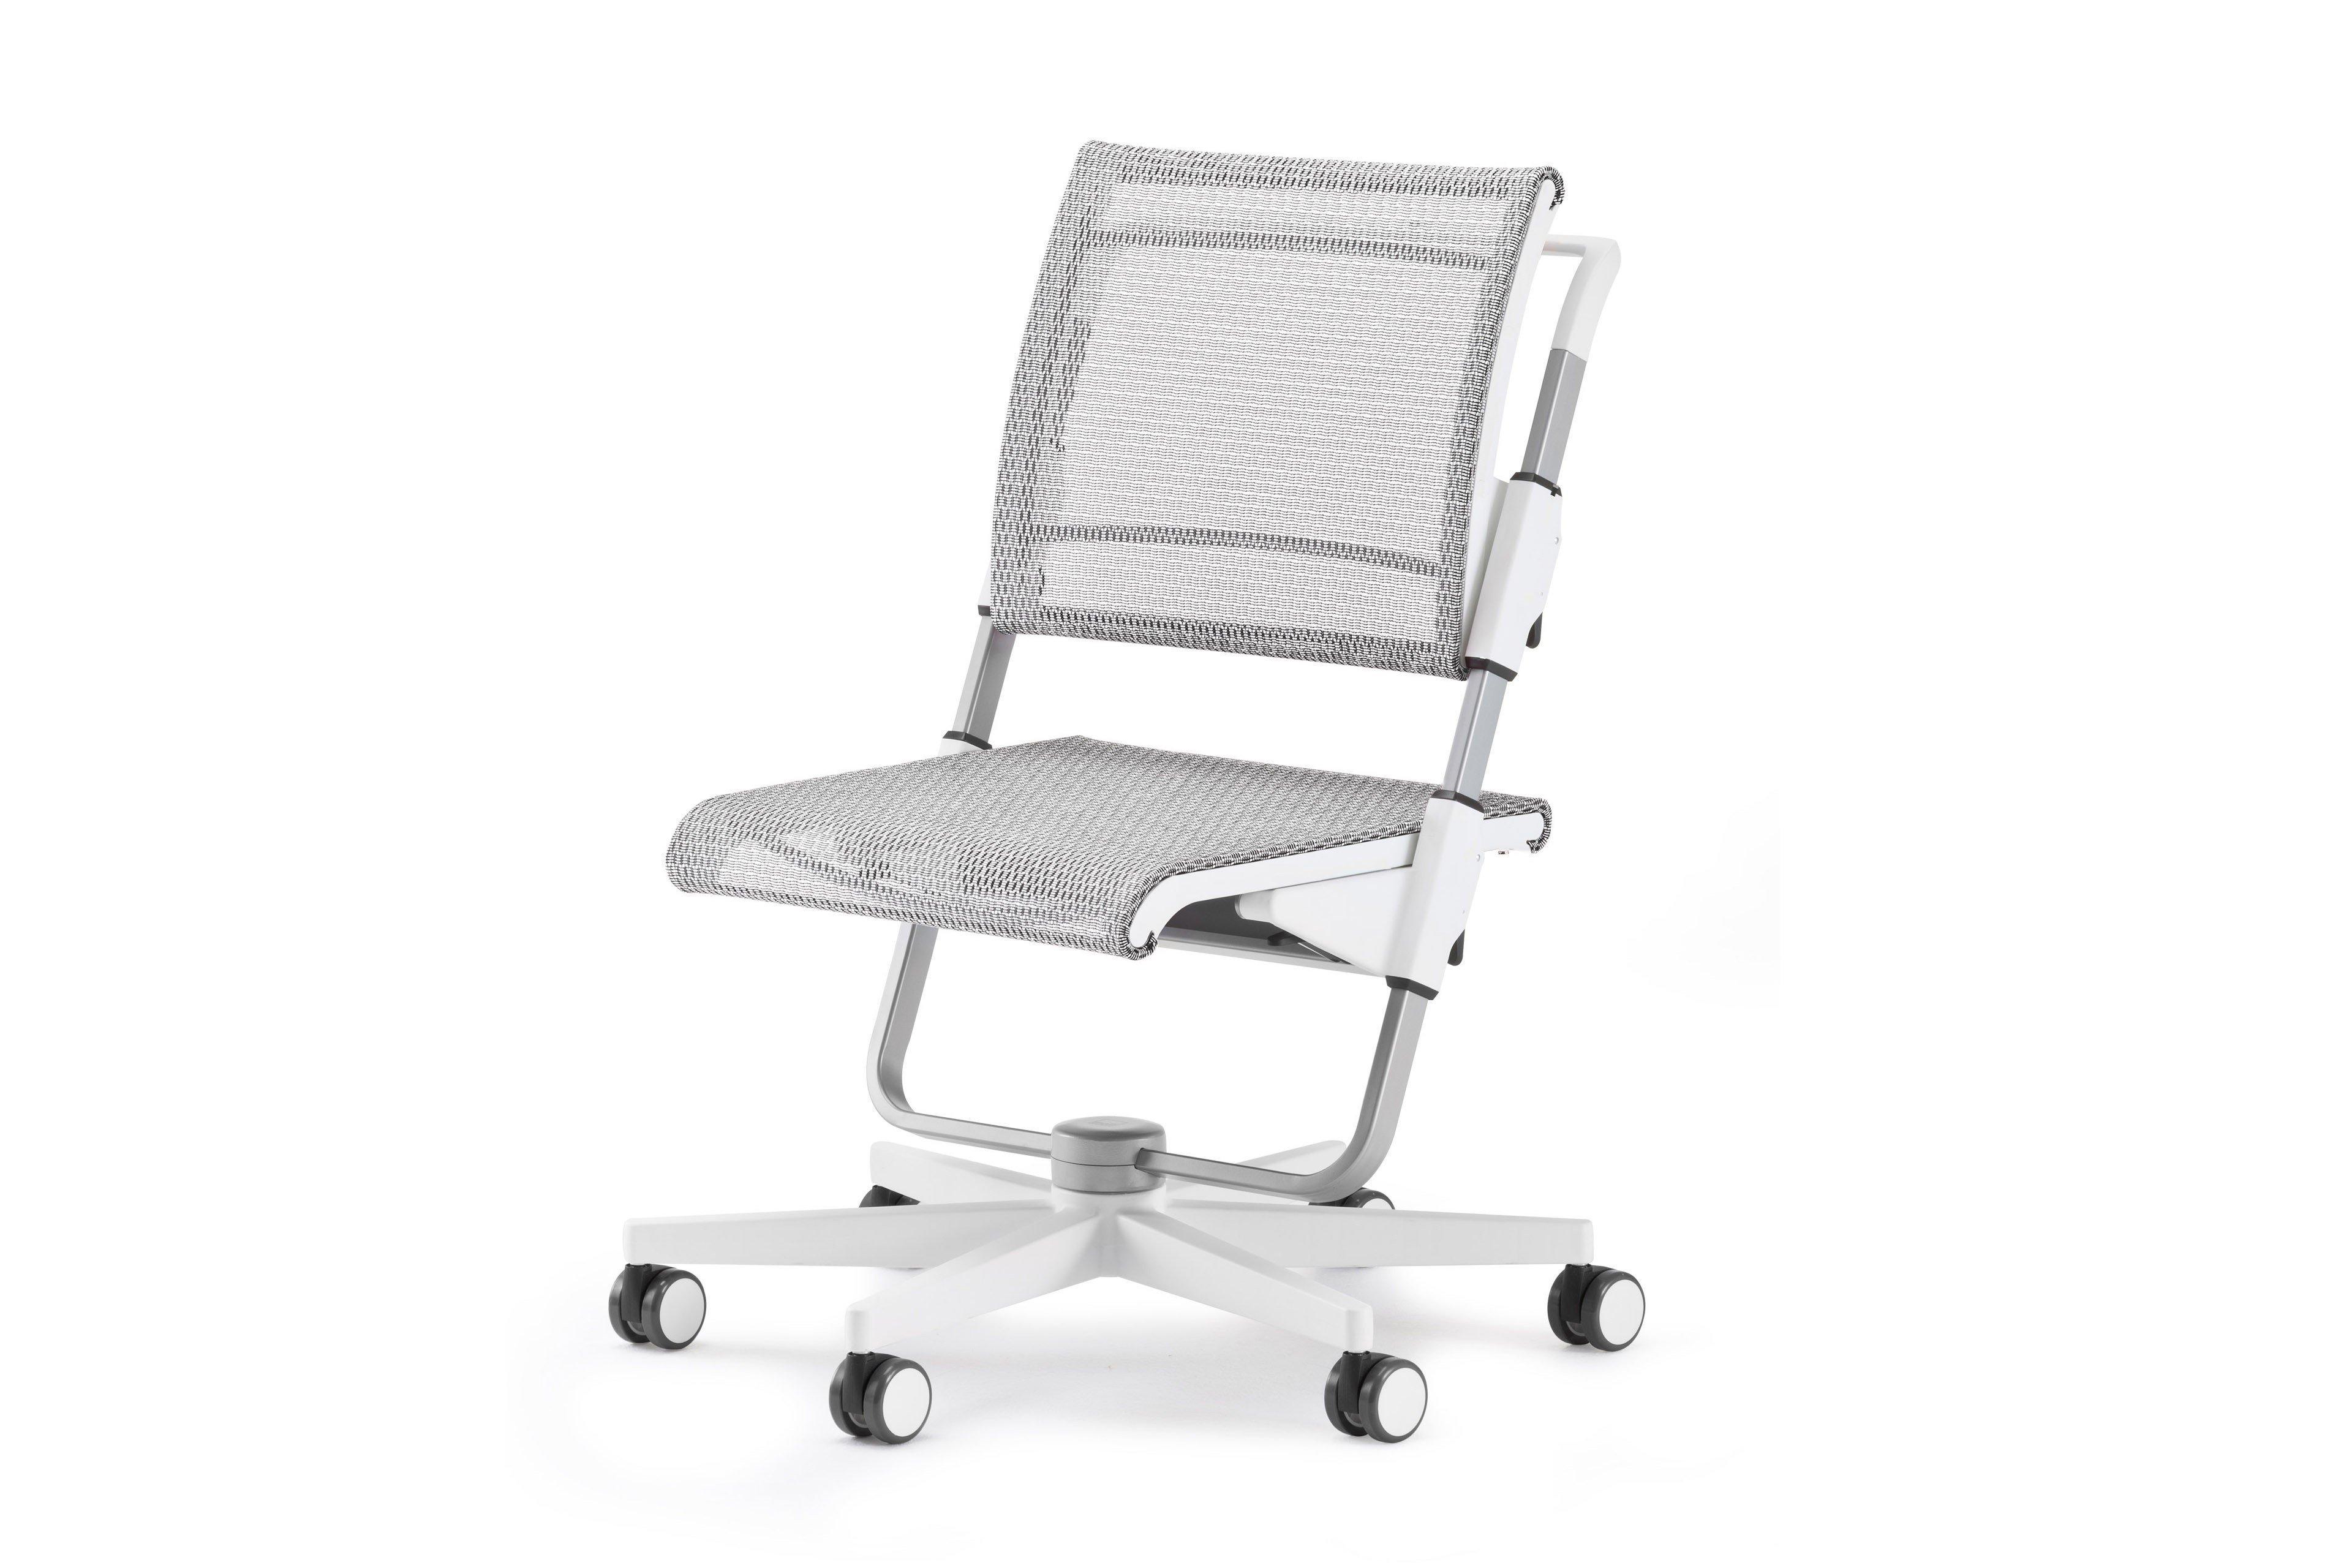 Moll Scooter Schreibtisch Stuhl Grau Möbel Letz Ihr Online Shop